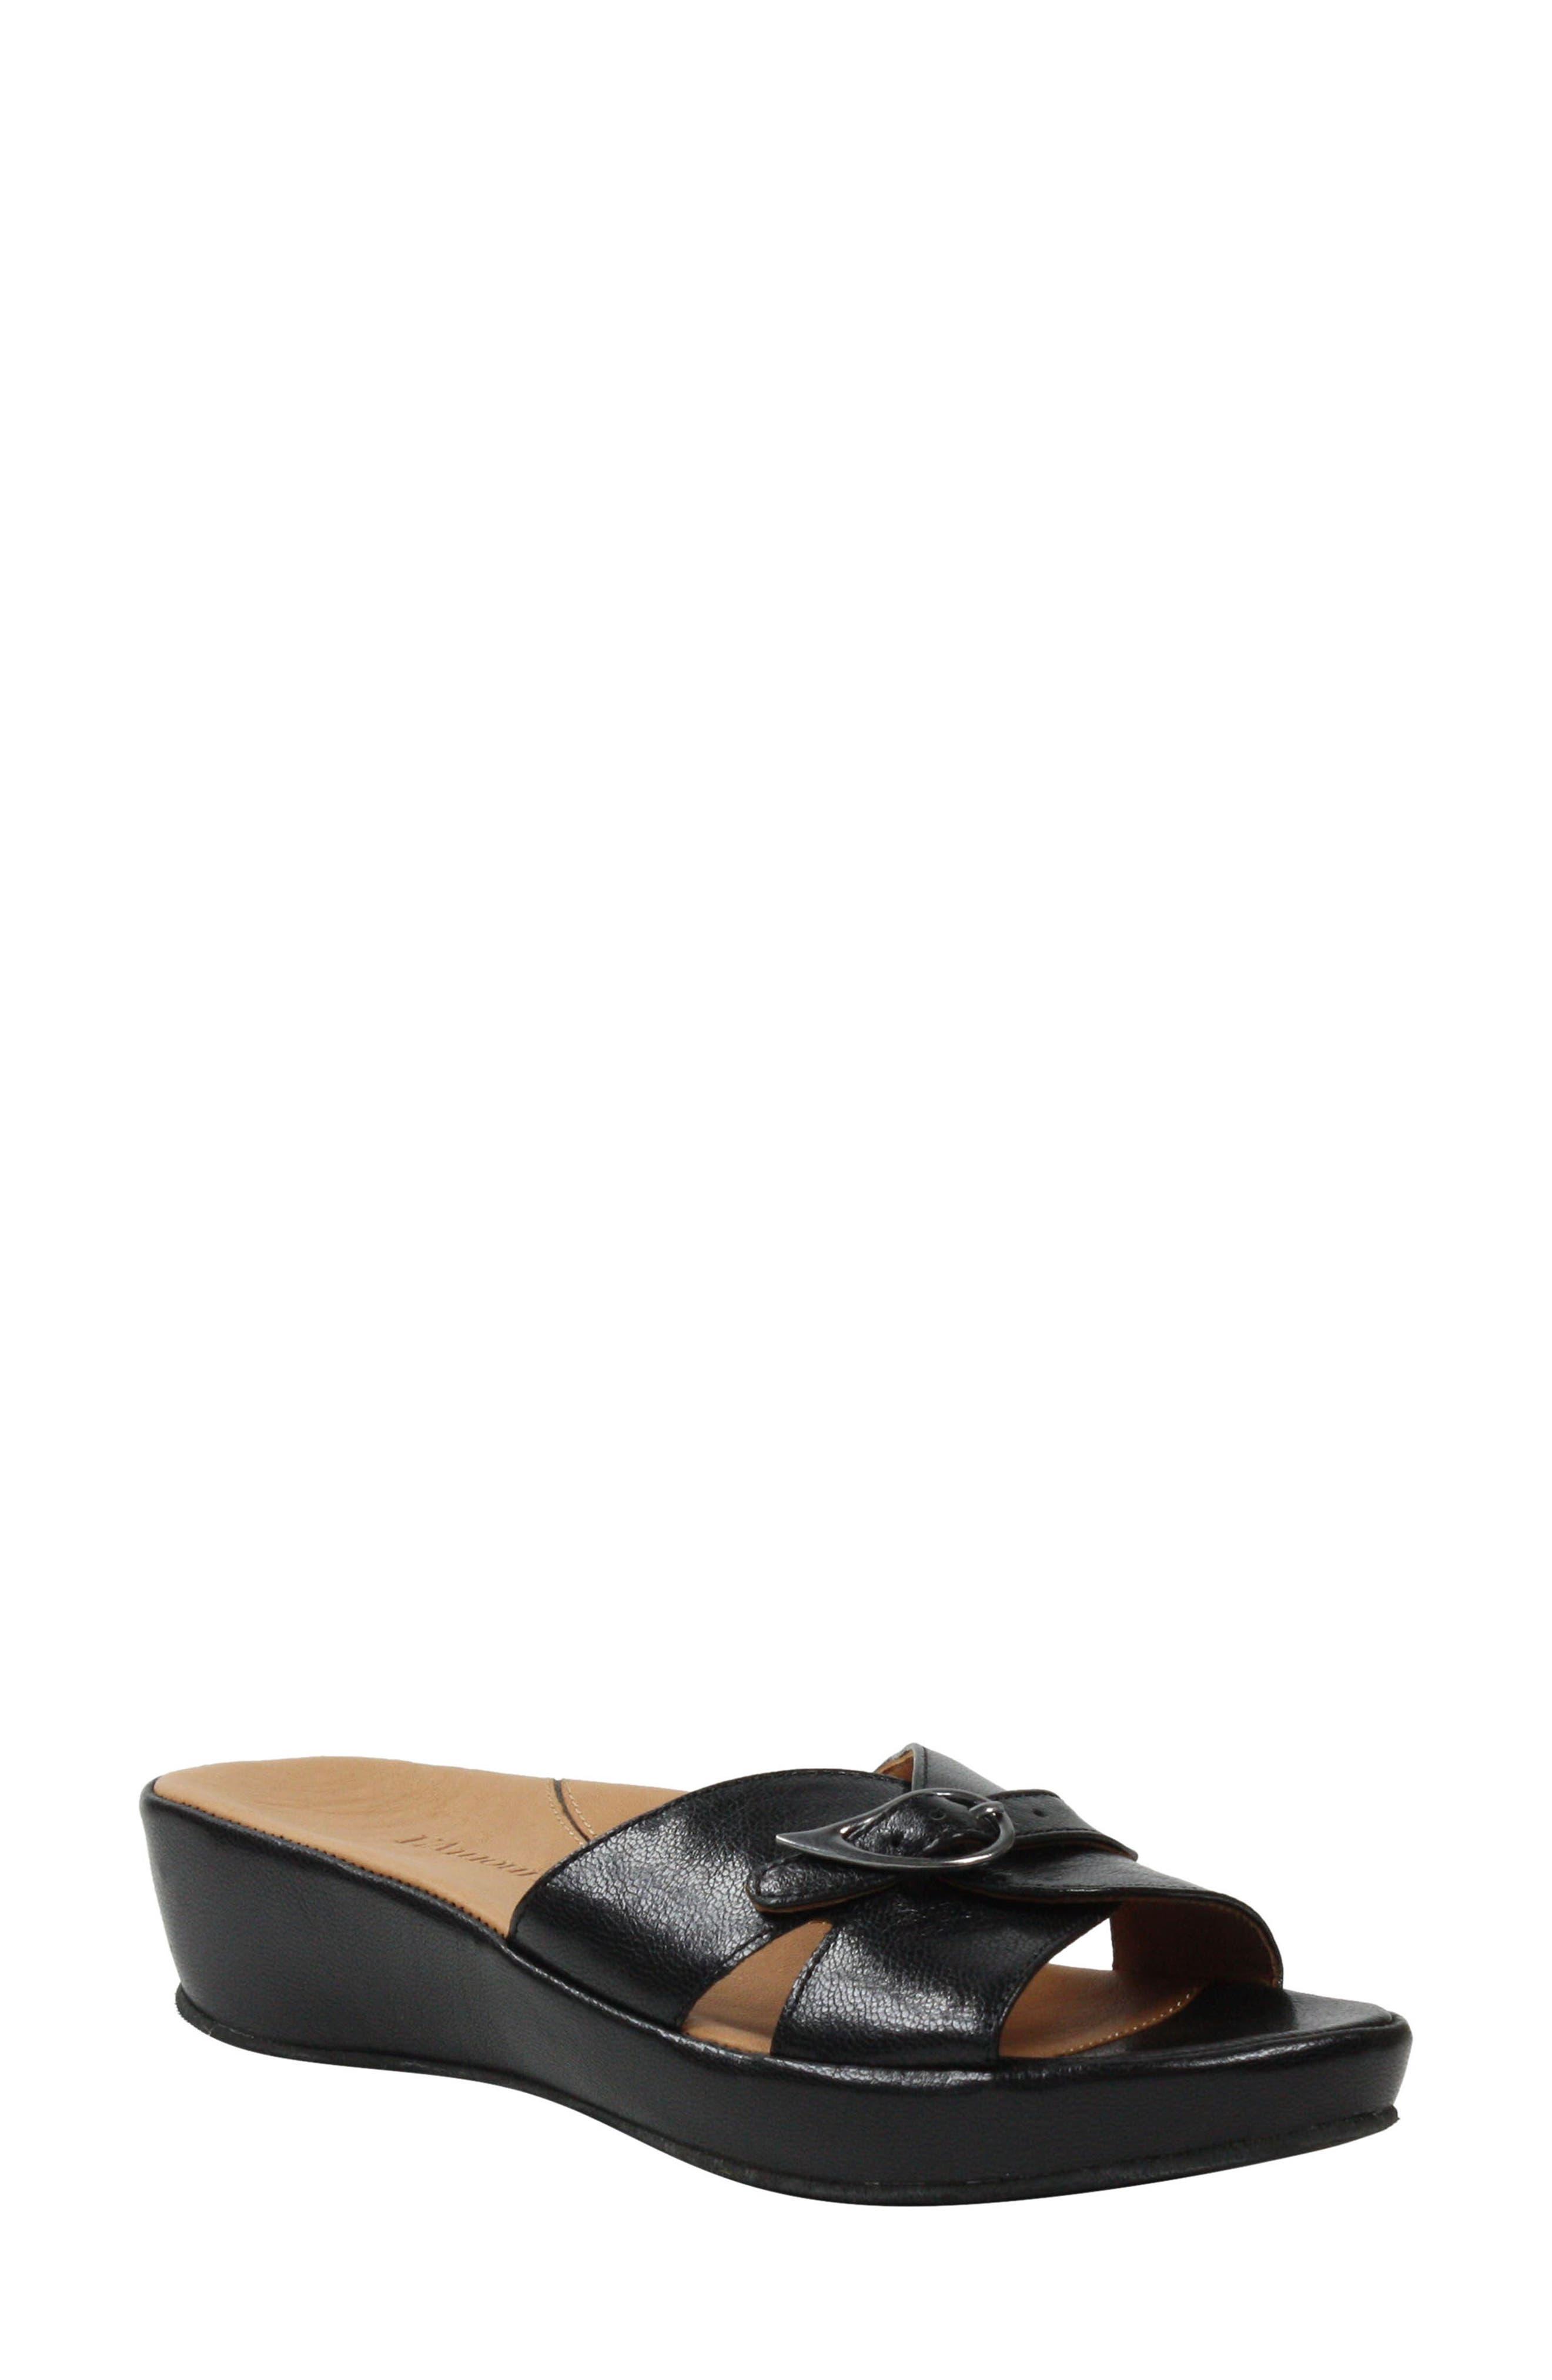 L'AMOUR DES PIEDS Cheyne Slide Sandal, Main, color, BLACK LEATHER